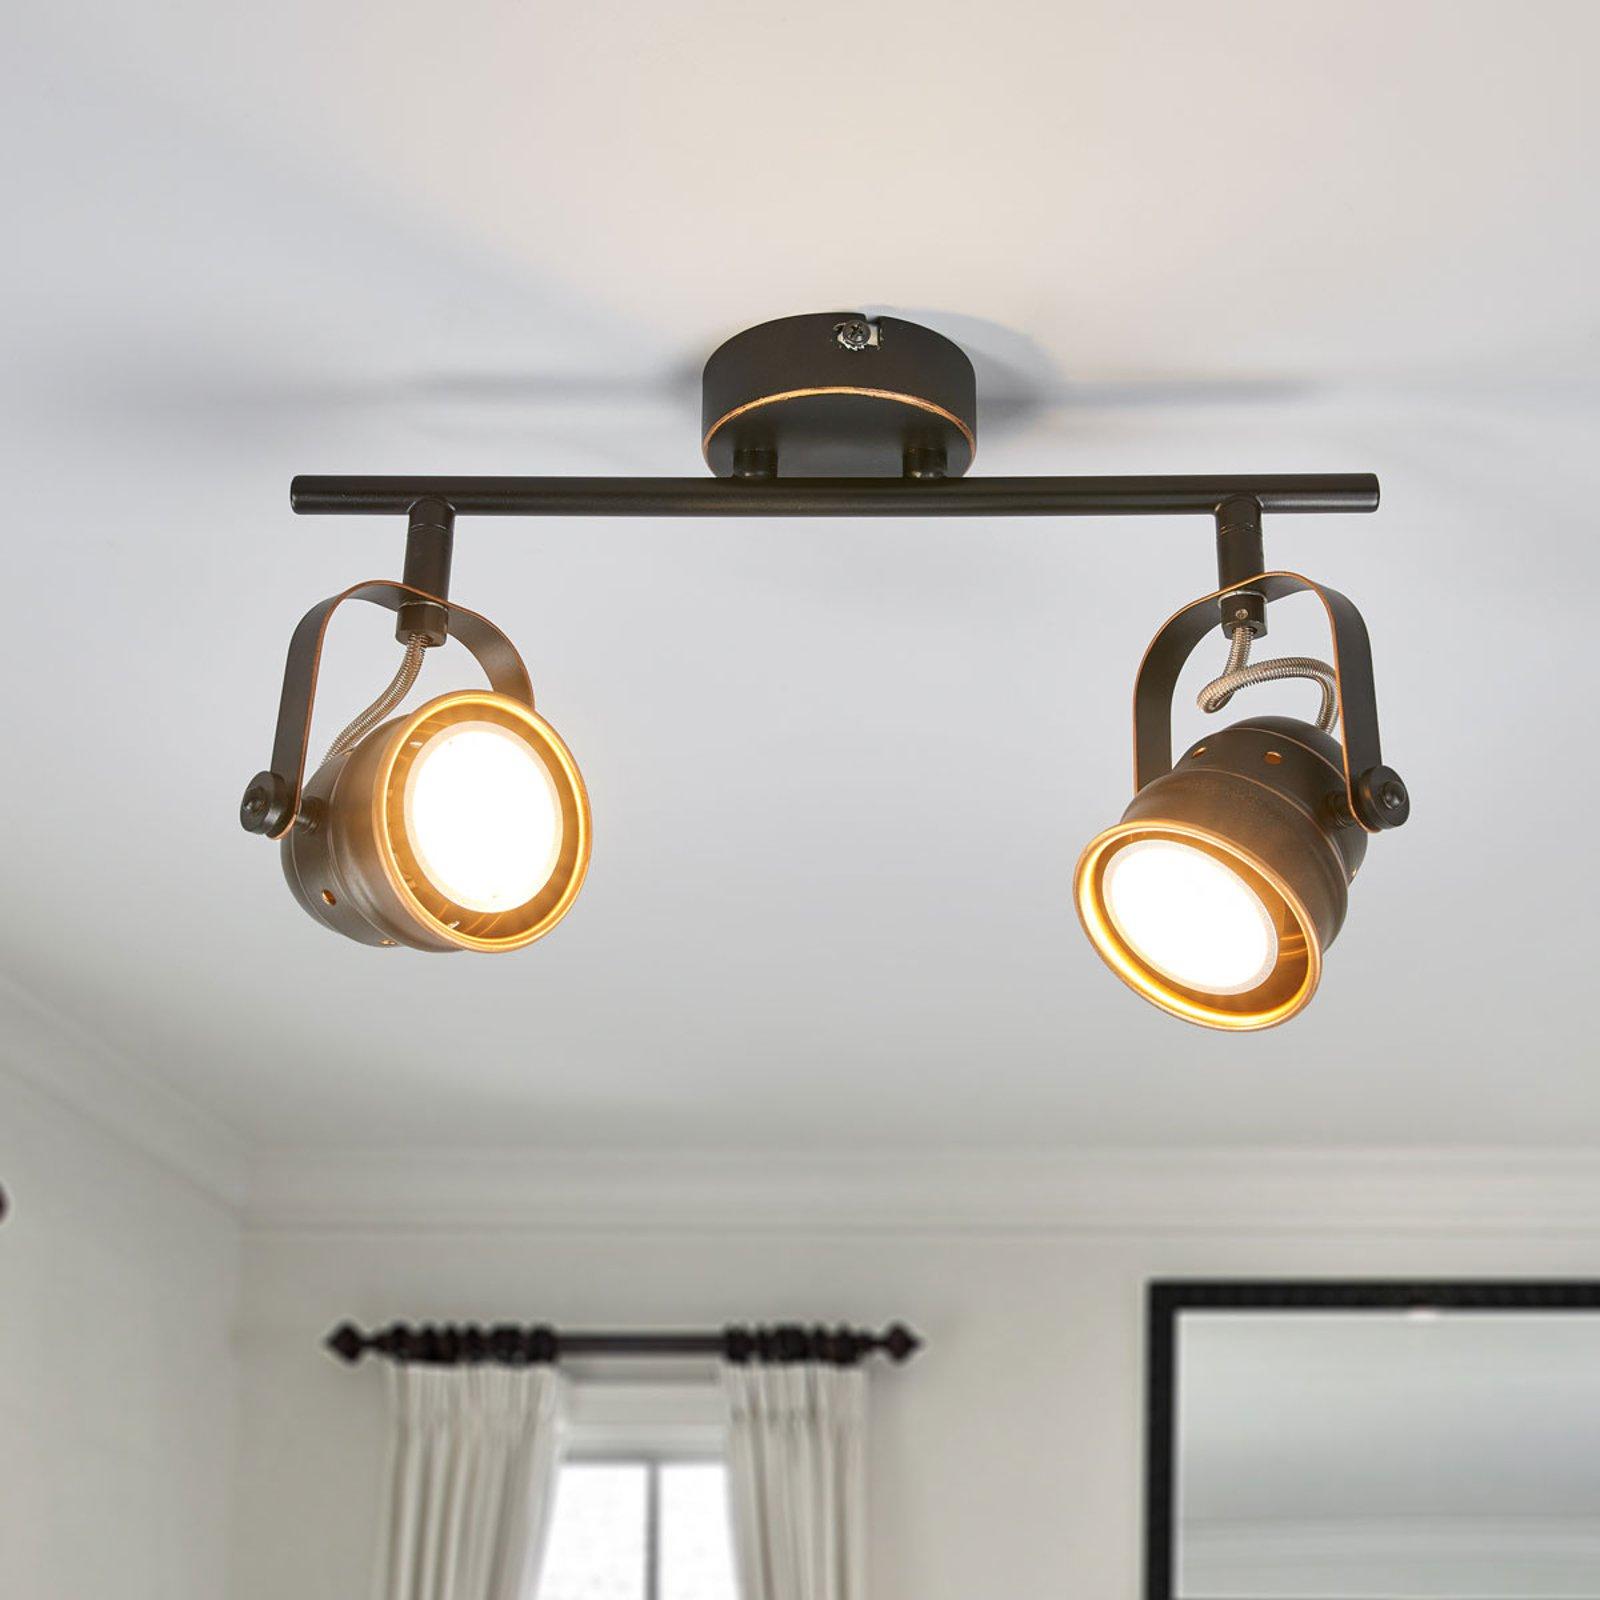 GU10 LED-taklampe Leonor, svart og gylden